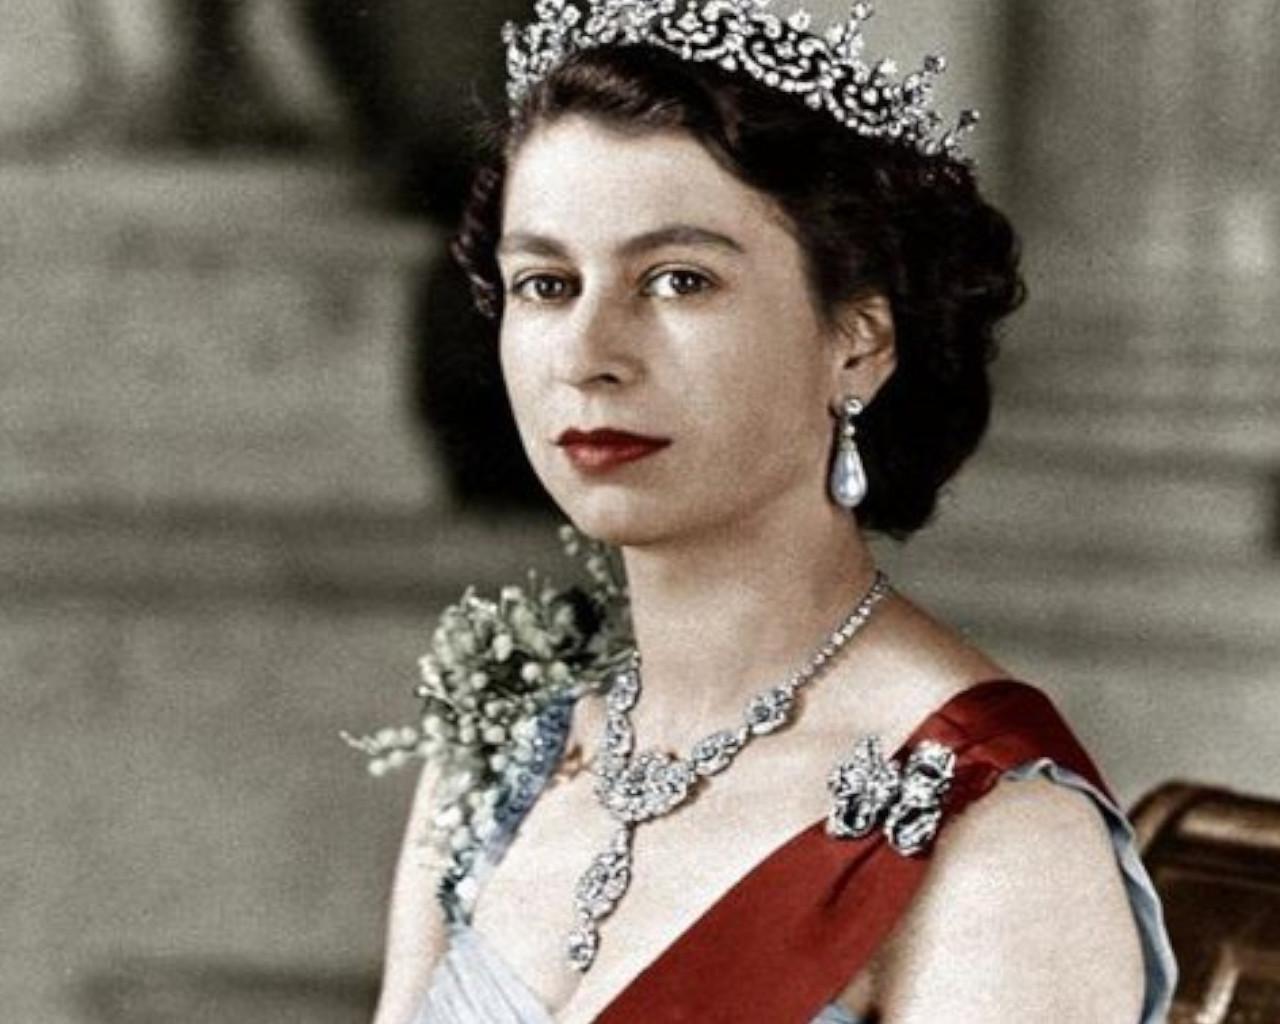 βασιλισσα ελισαβετ,βασιλισσα ελισαβετ νεα,βασιλισσα ελισαβετ υψοσ,βασιλισσα ελισαβετ στεψη,βασιλισσα ελισαβετ παιδια,βασιλισσα ελισαβετ αδερφια,βασιλισσα ελισαβετ α,βασιλισσα ελισαβετ γαμοσ,βασιλισσα ελισαβετ ηλικια